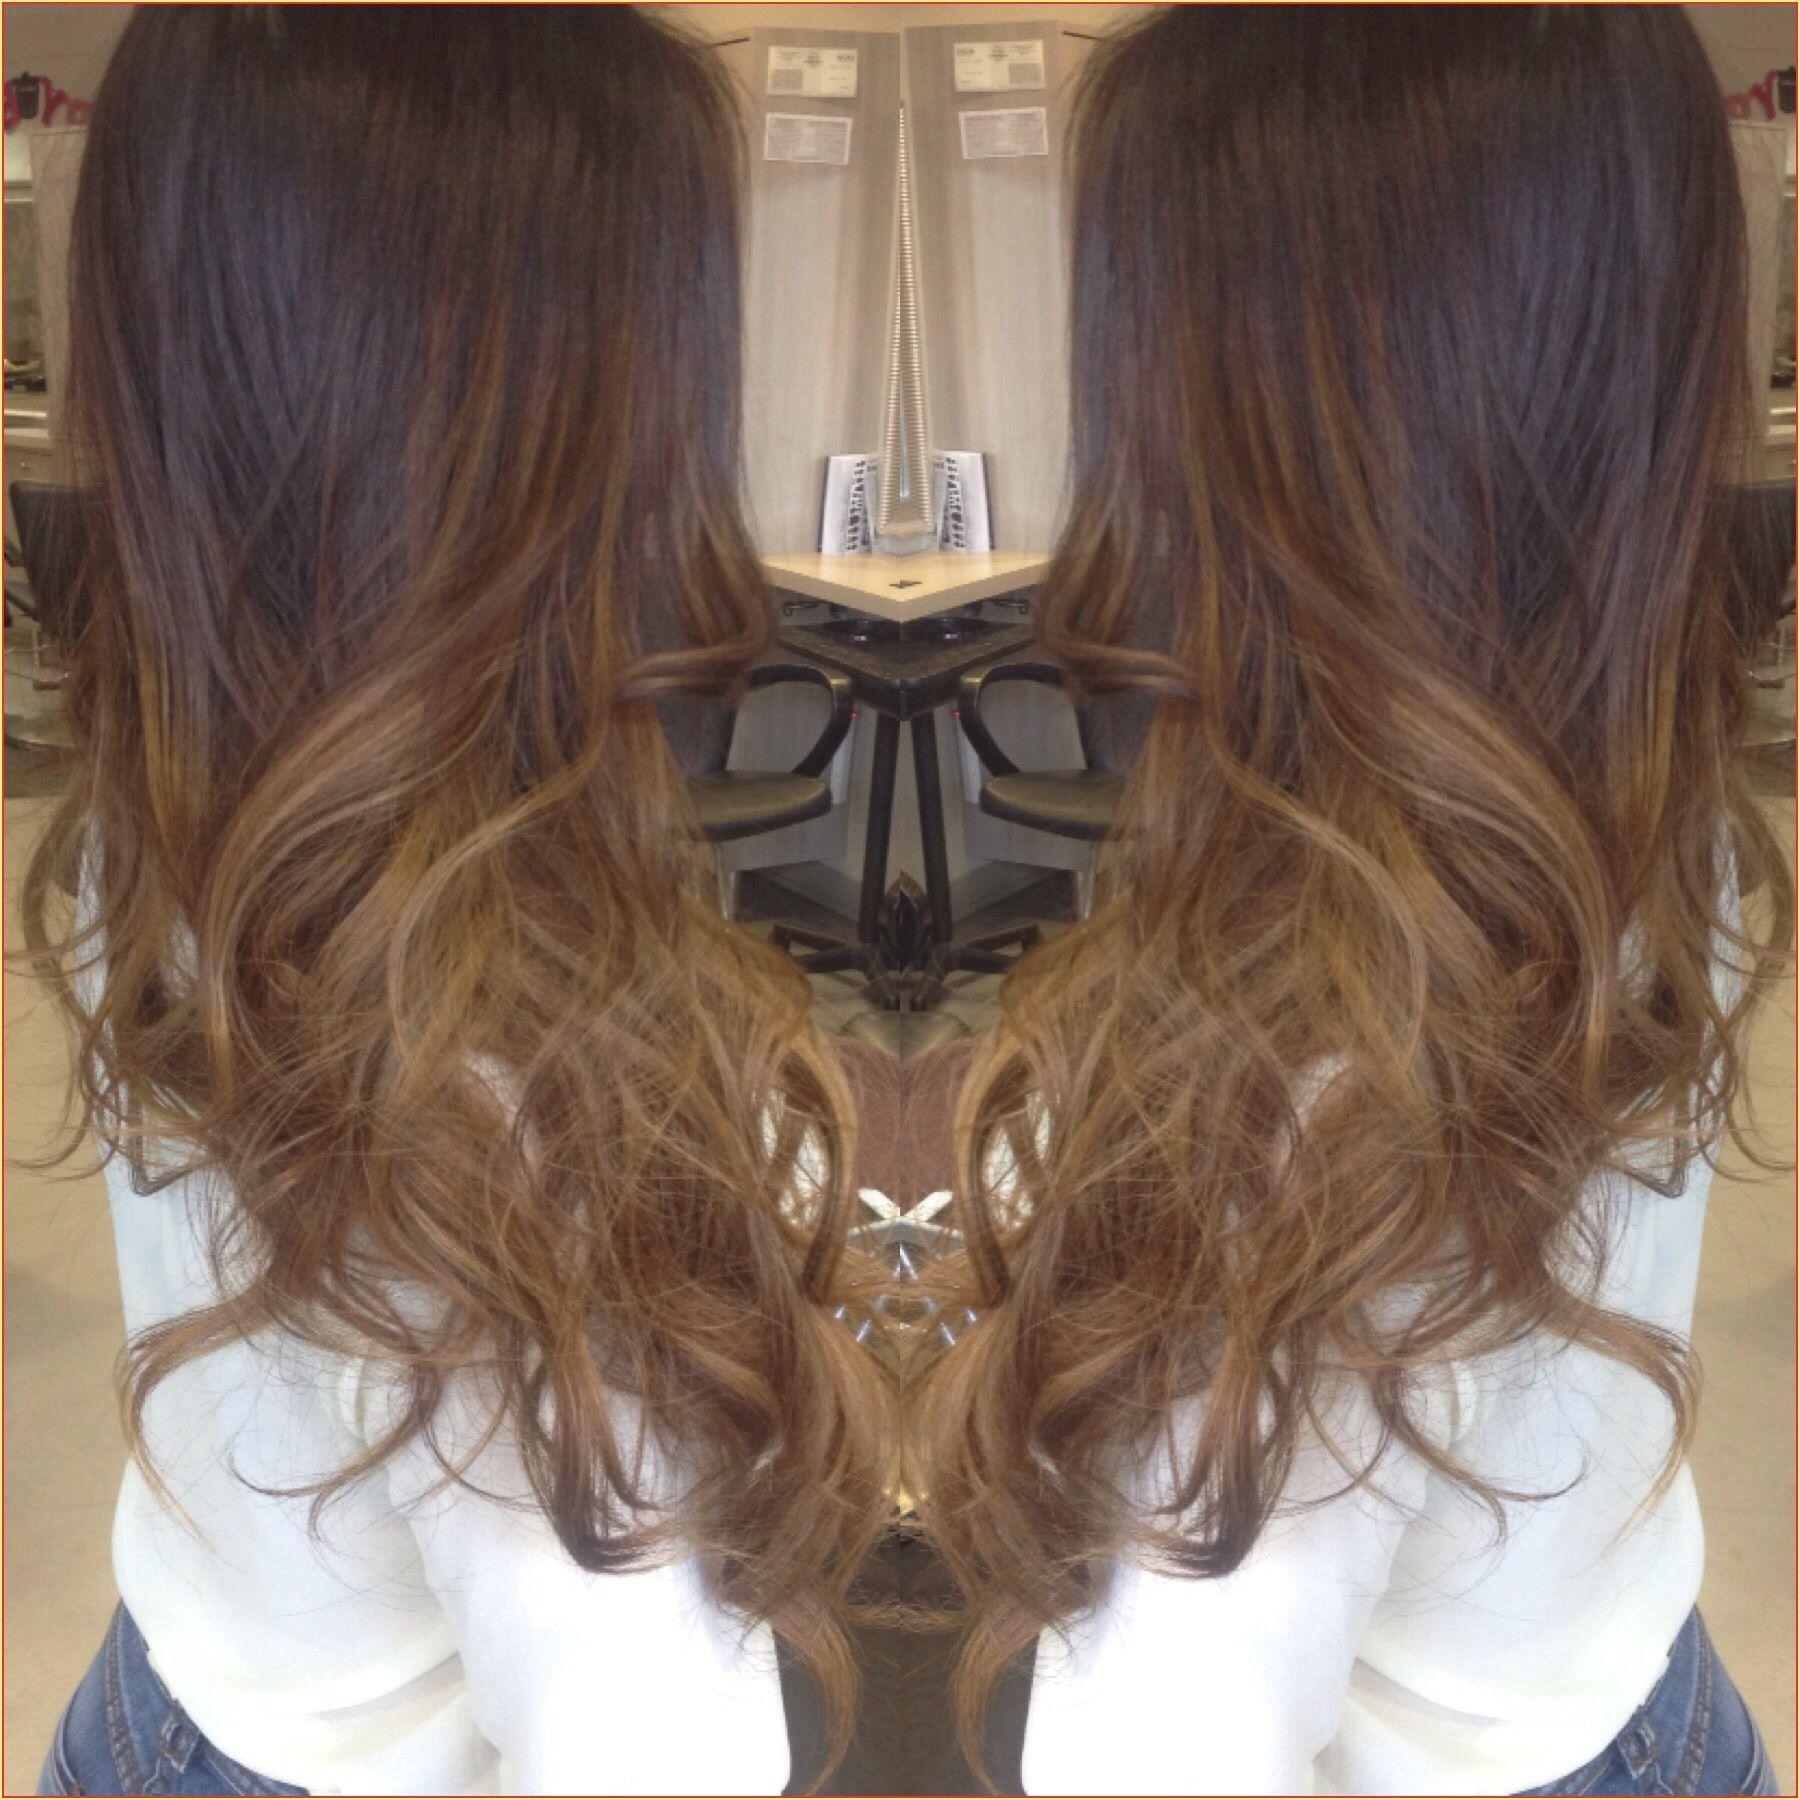 Ash Blonde Balayage Asian Hair Top 2021 In 2020 Ash Blonde Balayage Ash Brown Hair Color Brown Hair Images